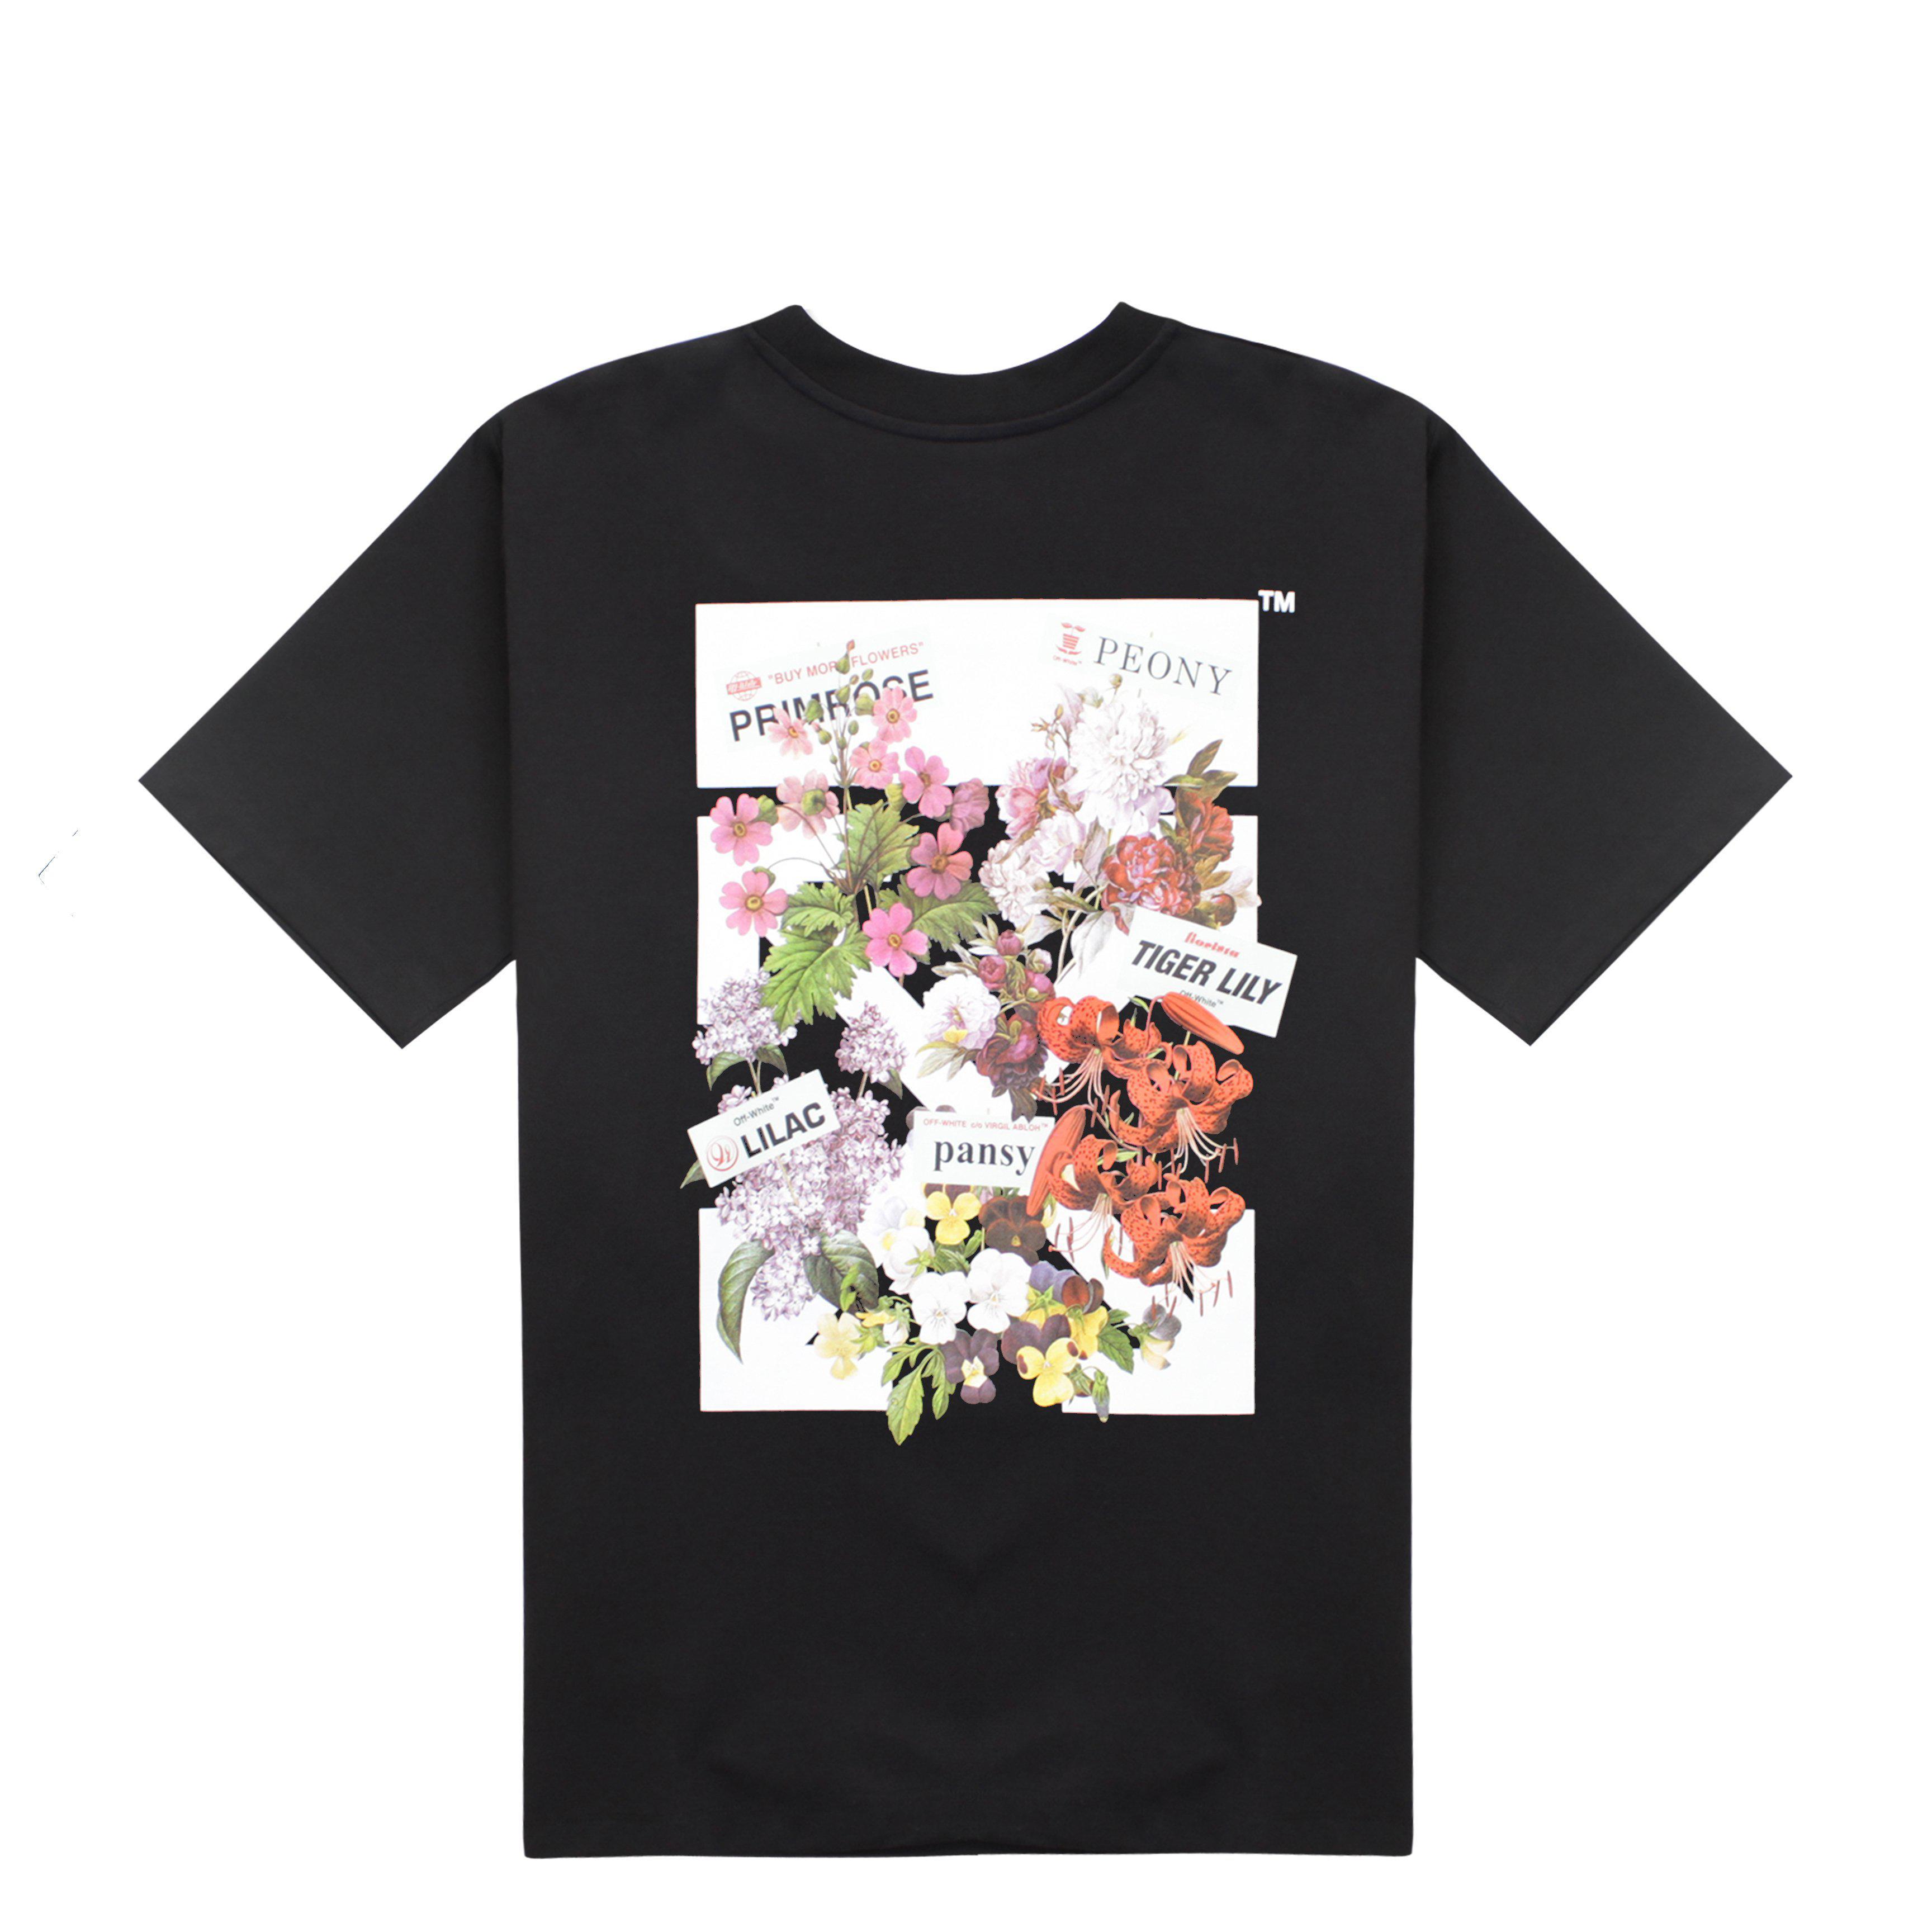 0cc28bb799d415 Off-White c/o Virgil Abloh Women's Flower Shop Tee in Black - Lyst